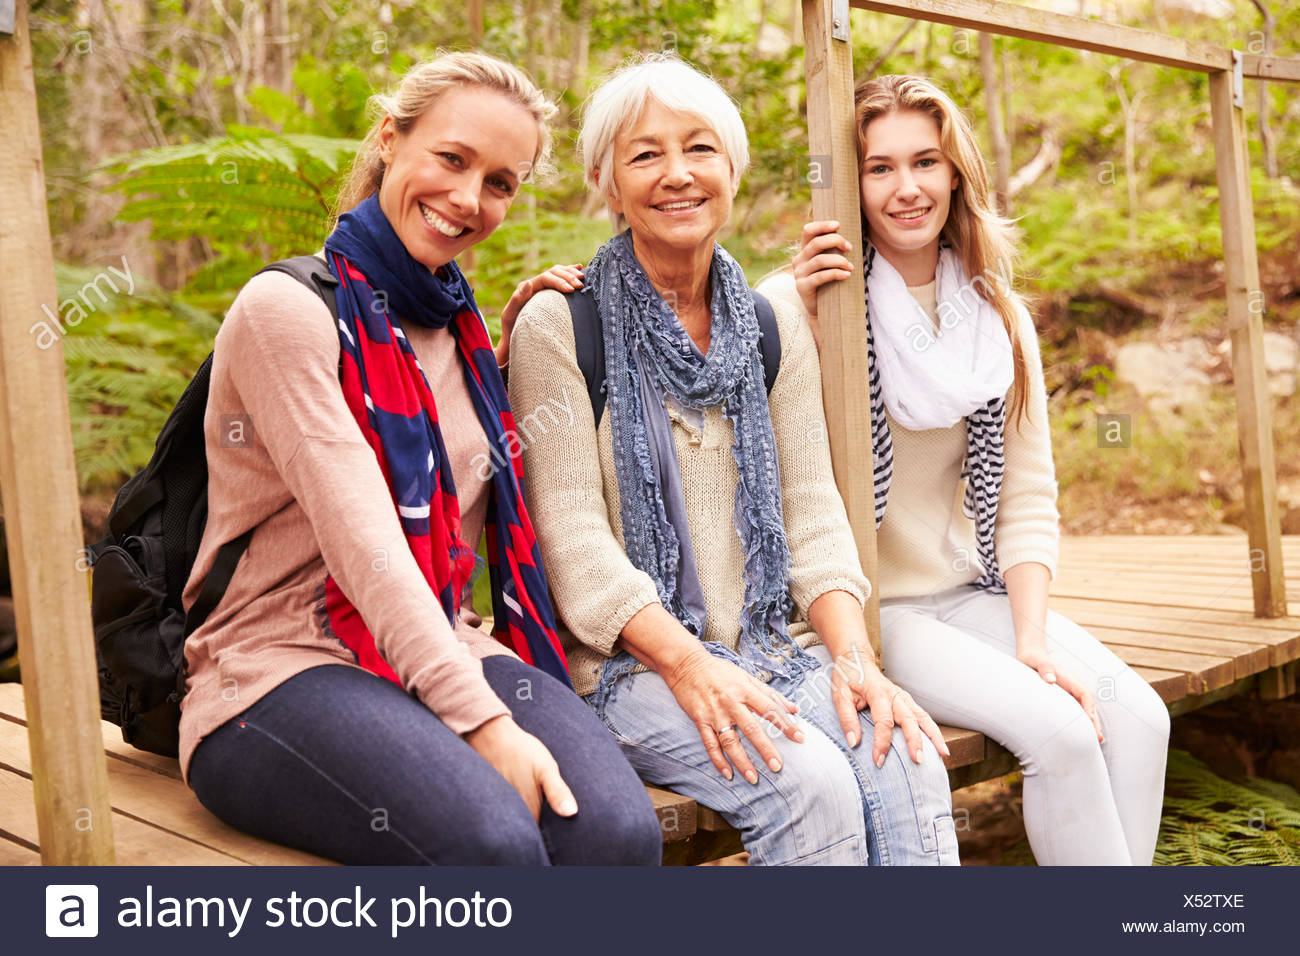 Tre generazioni di donne sedute in una foresta, ritratto Foto Stock